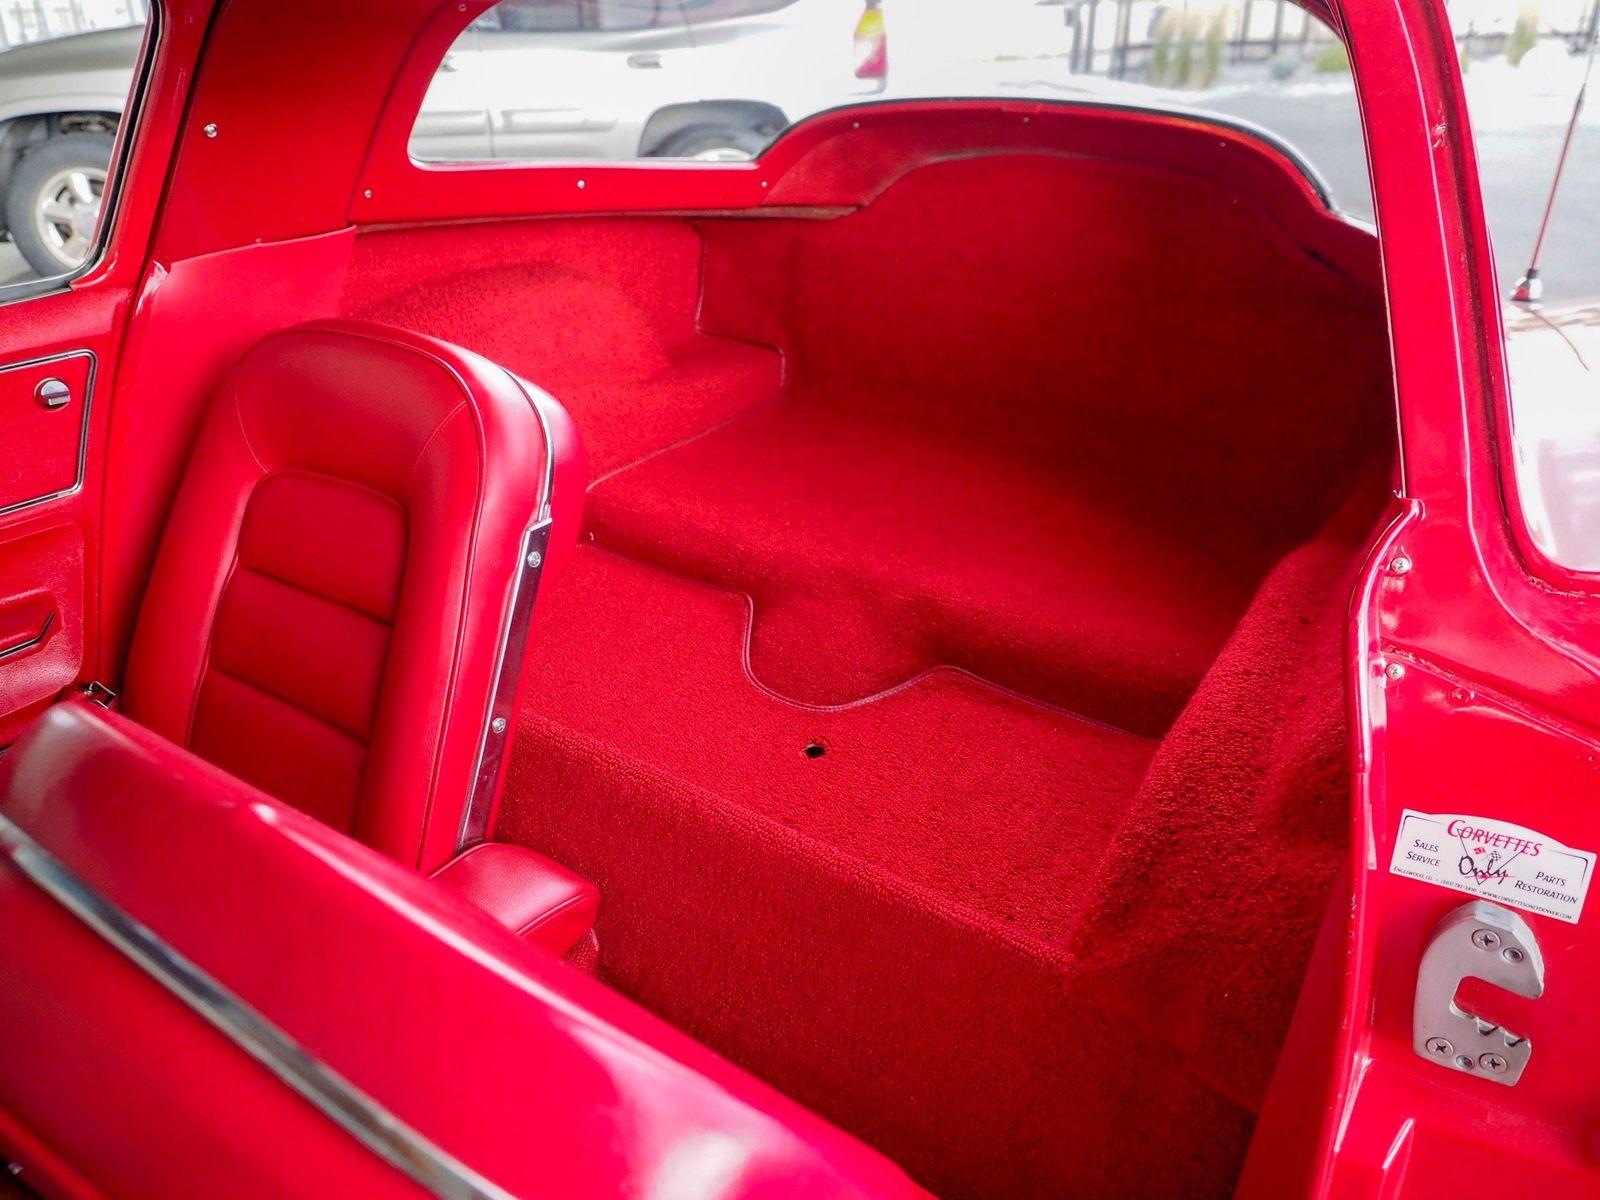 1965 Chevrolet Corvette 53